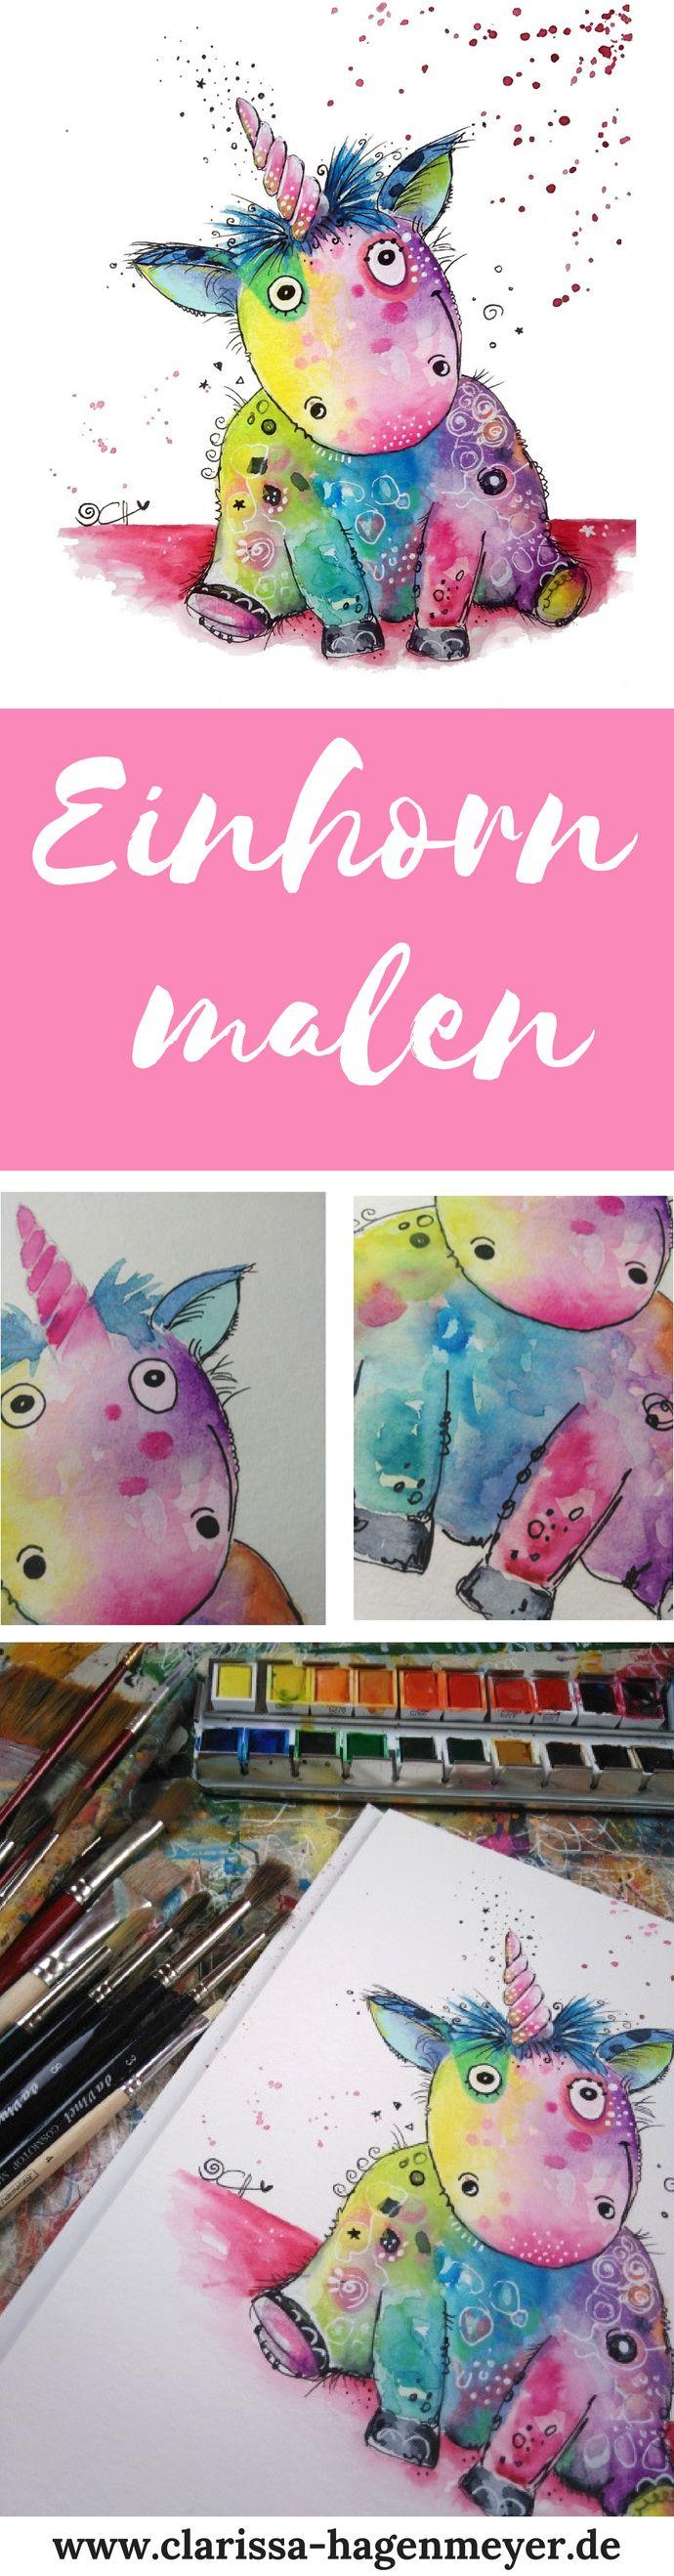 Einhorn malen: Eine einfache Anleitung für dich für ein fröhliches Einhorn – Clarissa Hagenmeyer: Malen und Kreativität!